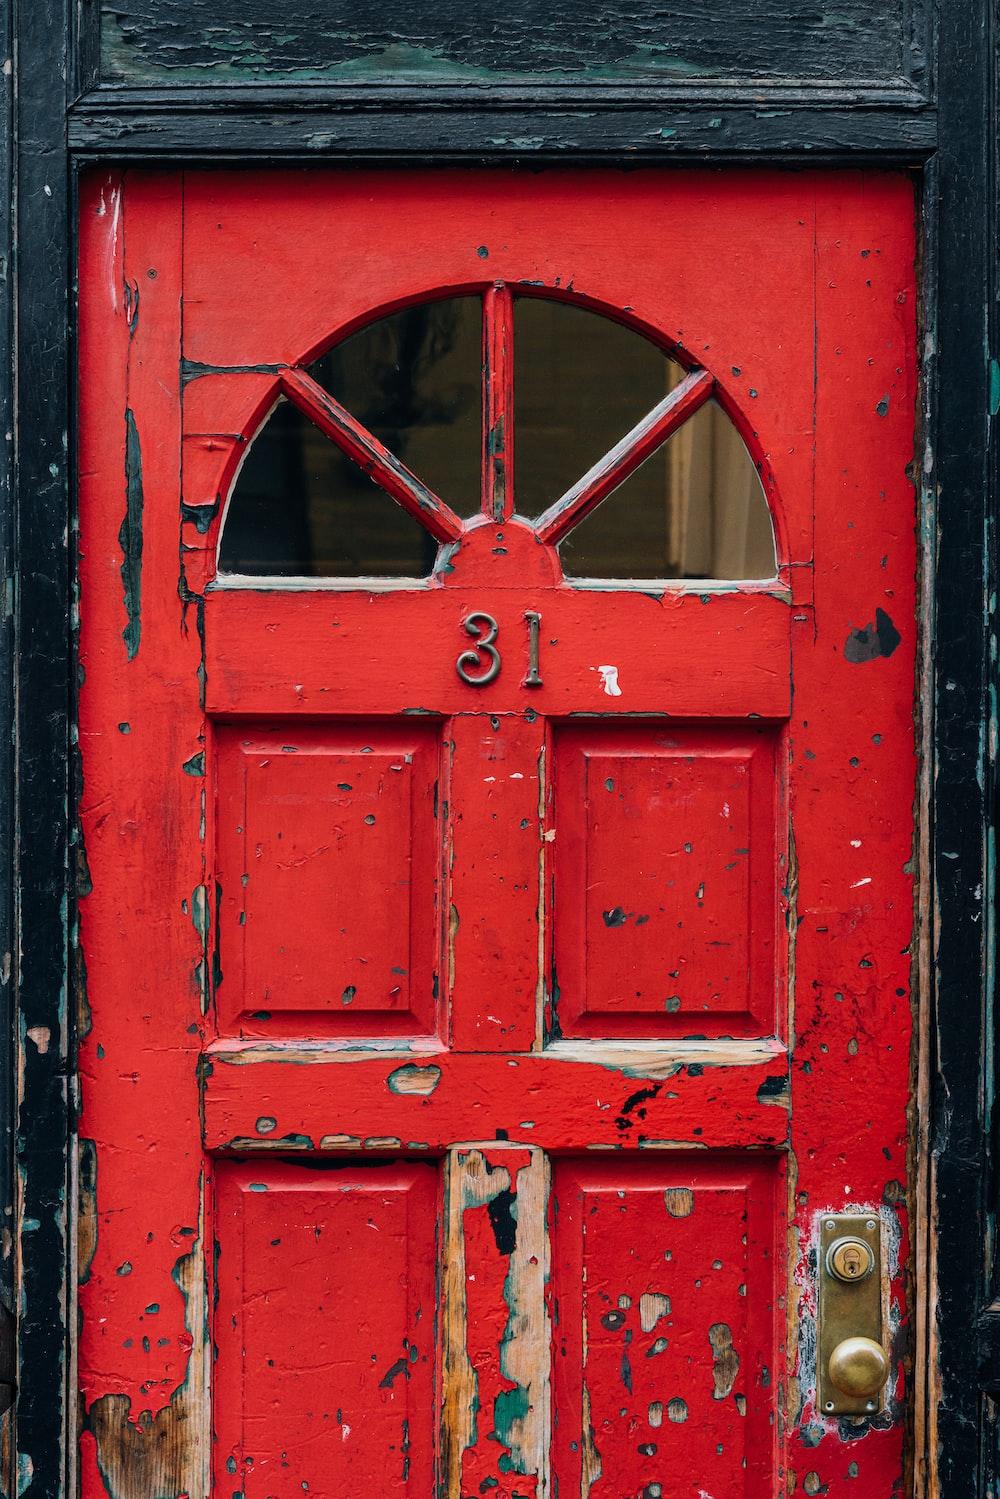 red wooden door with brass doorknob